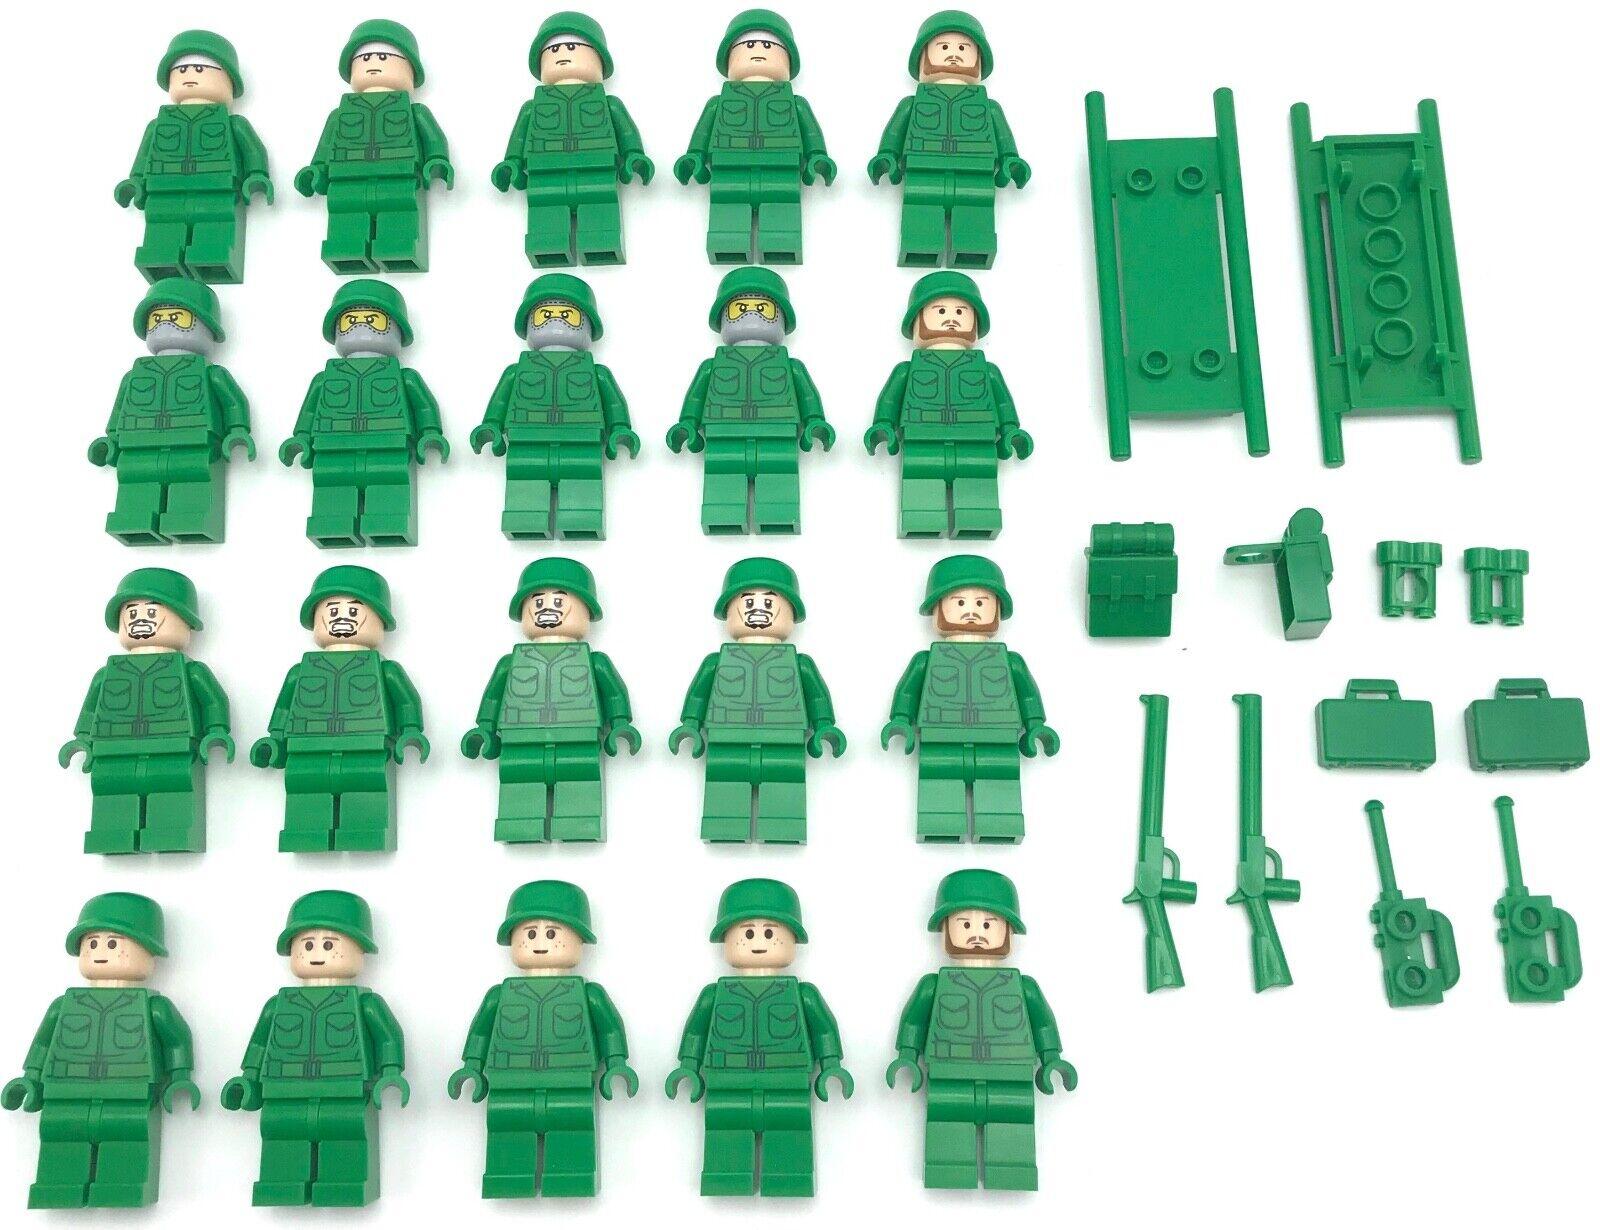 moda LEGO 20 nuovo ARMY MINIcifraS WORLD WAR 1 1 1 2 HERO MEN WITH WEAPONS SWAT cifraS  miglior prezzo